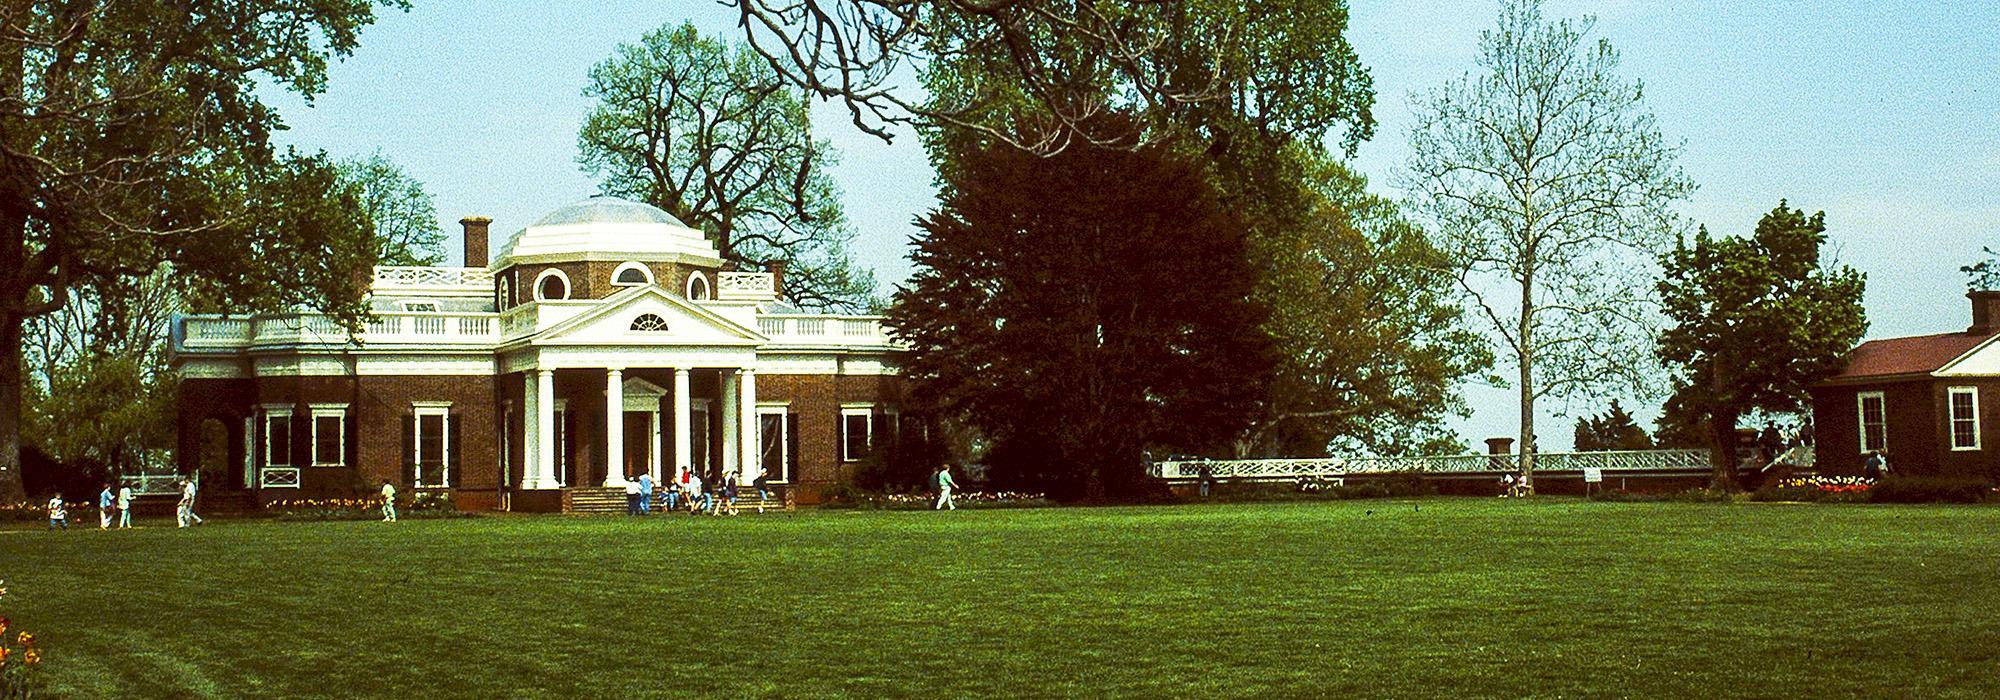 1807_hero_Monticello.jpg